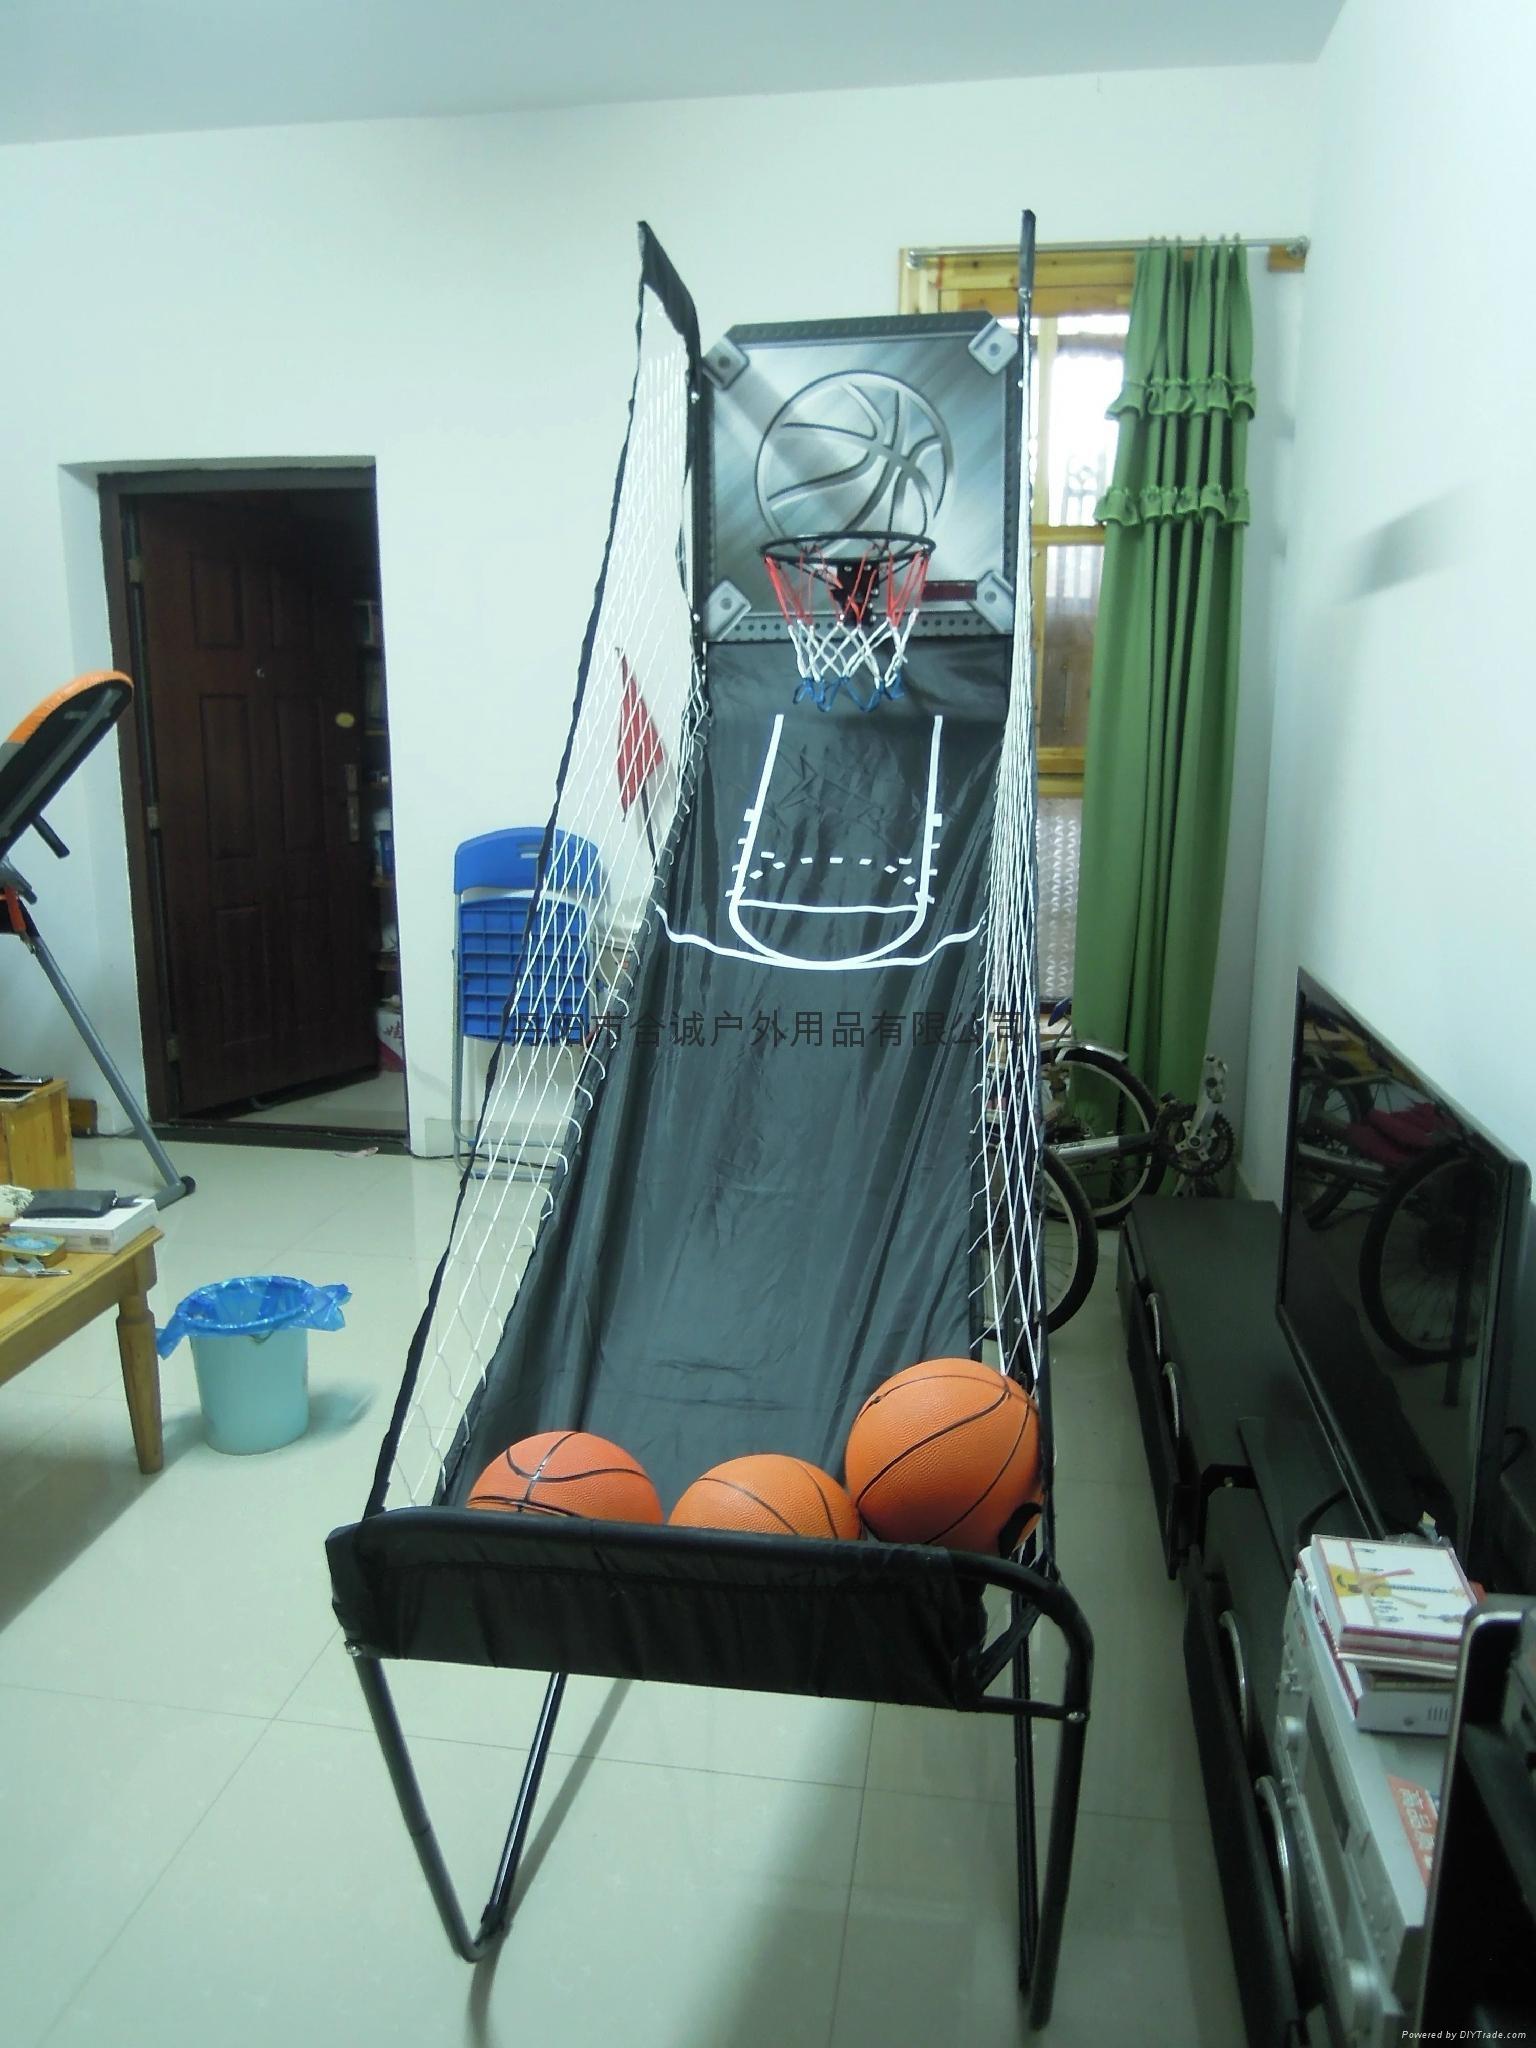 單人籃球架 1